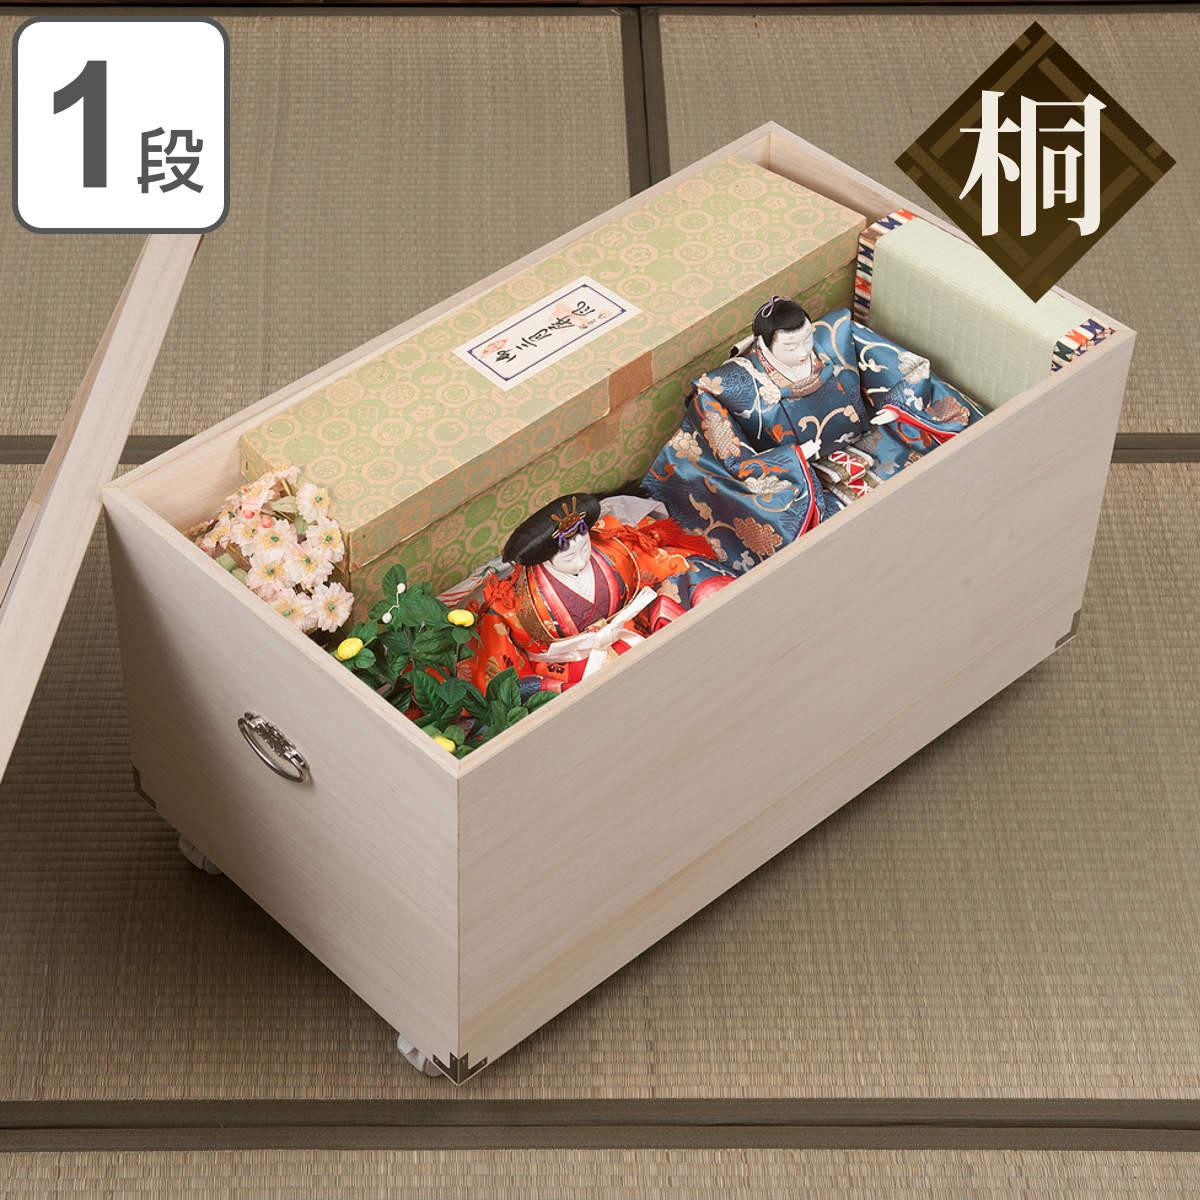 桐衣装箱 1段 日本製 ひな人形ケース 竹炭シート入り 高さ32.5cm ( 送料無料 雛人形収納 雛人形ケース 雛人形 桐収納 収納箱 桐材 桐 国産 ひな人形 キャスター付き 親王飾り )